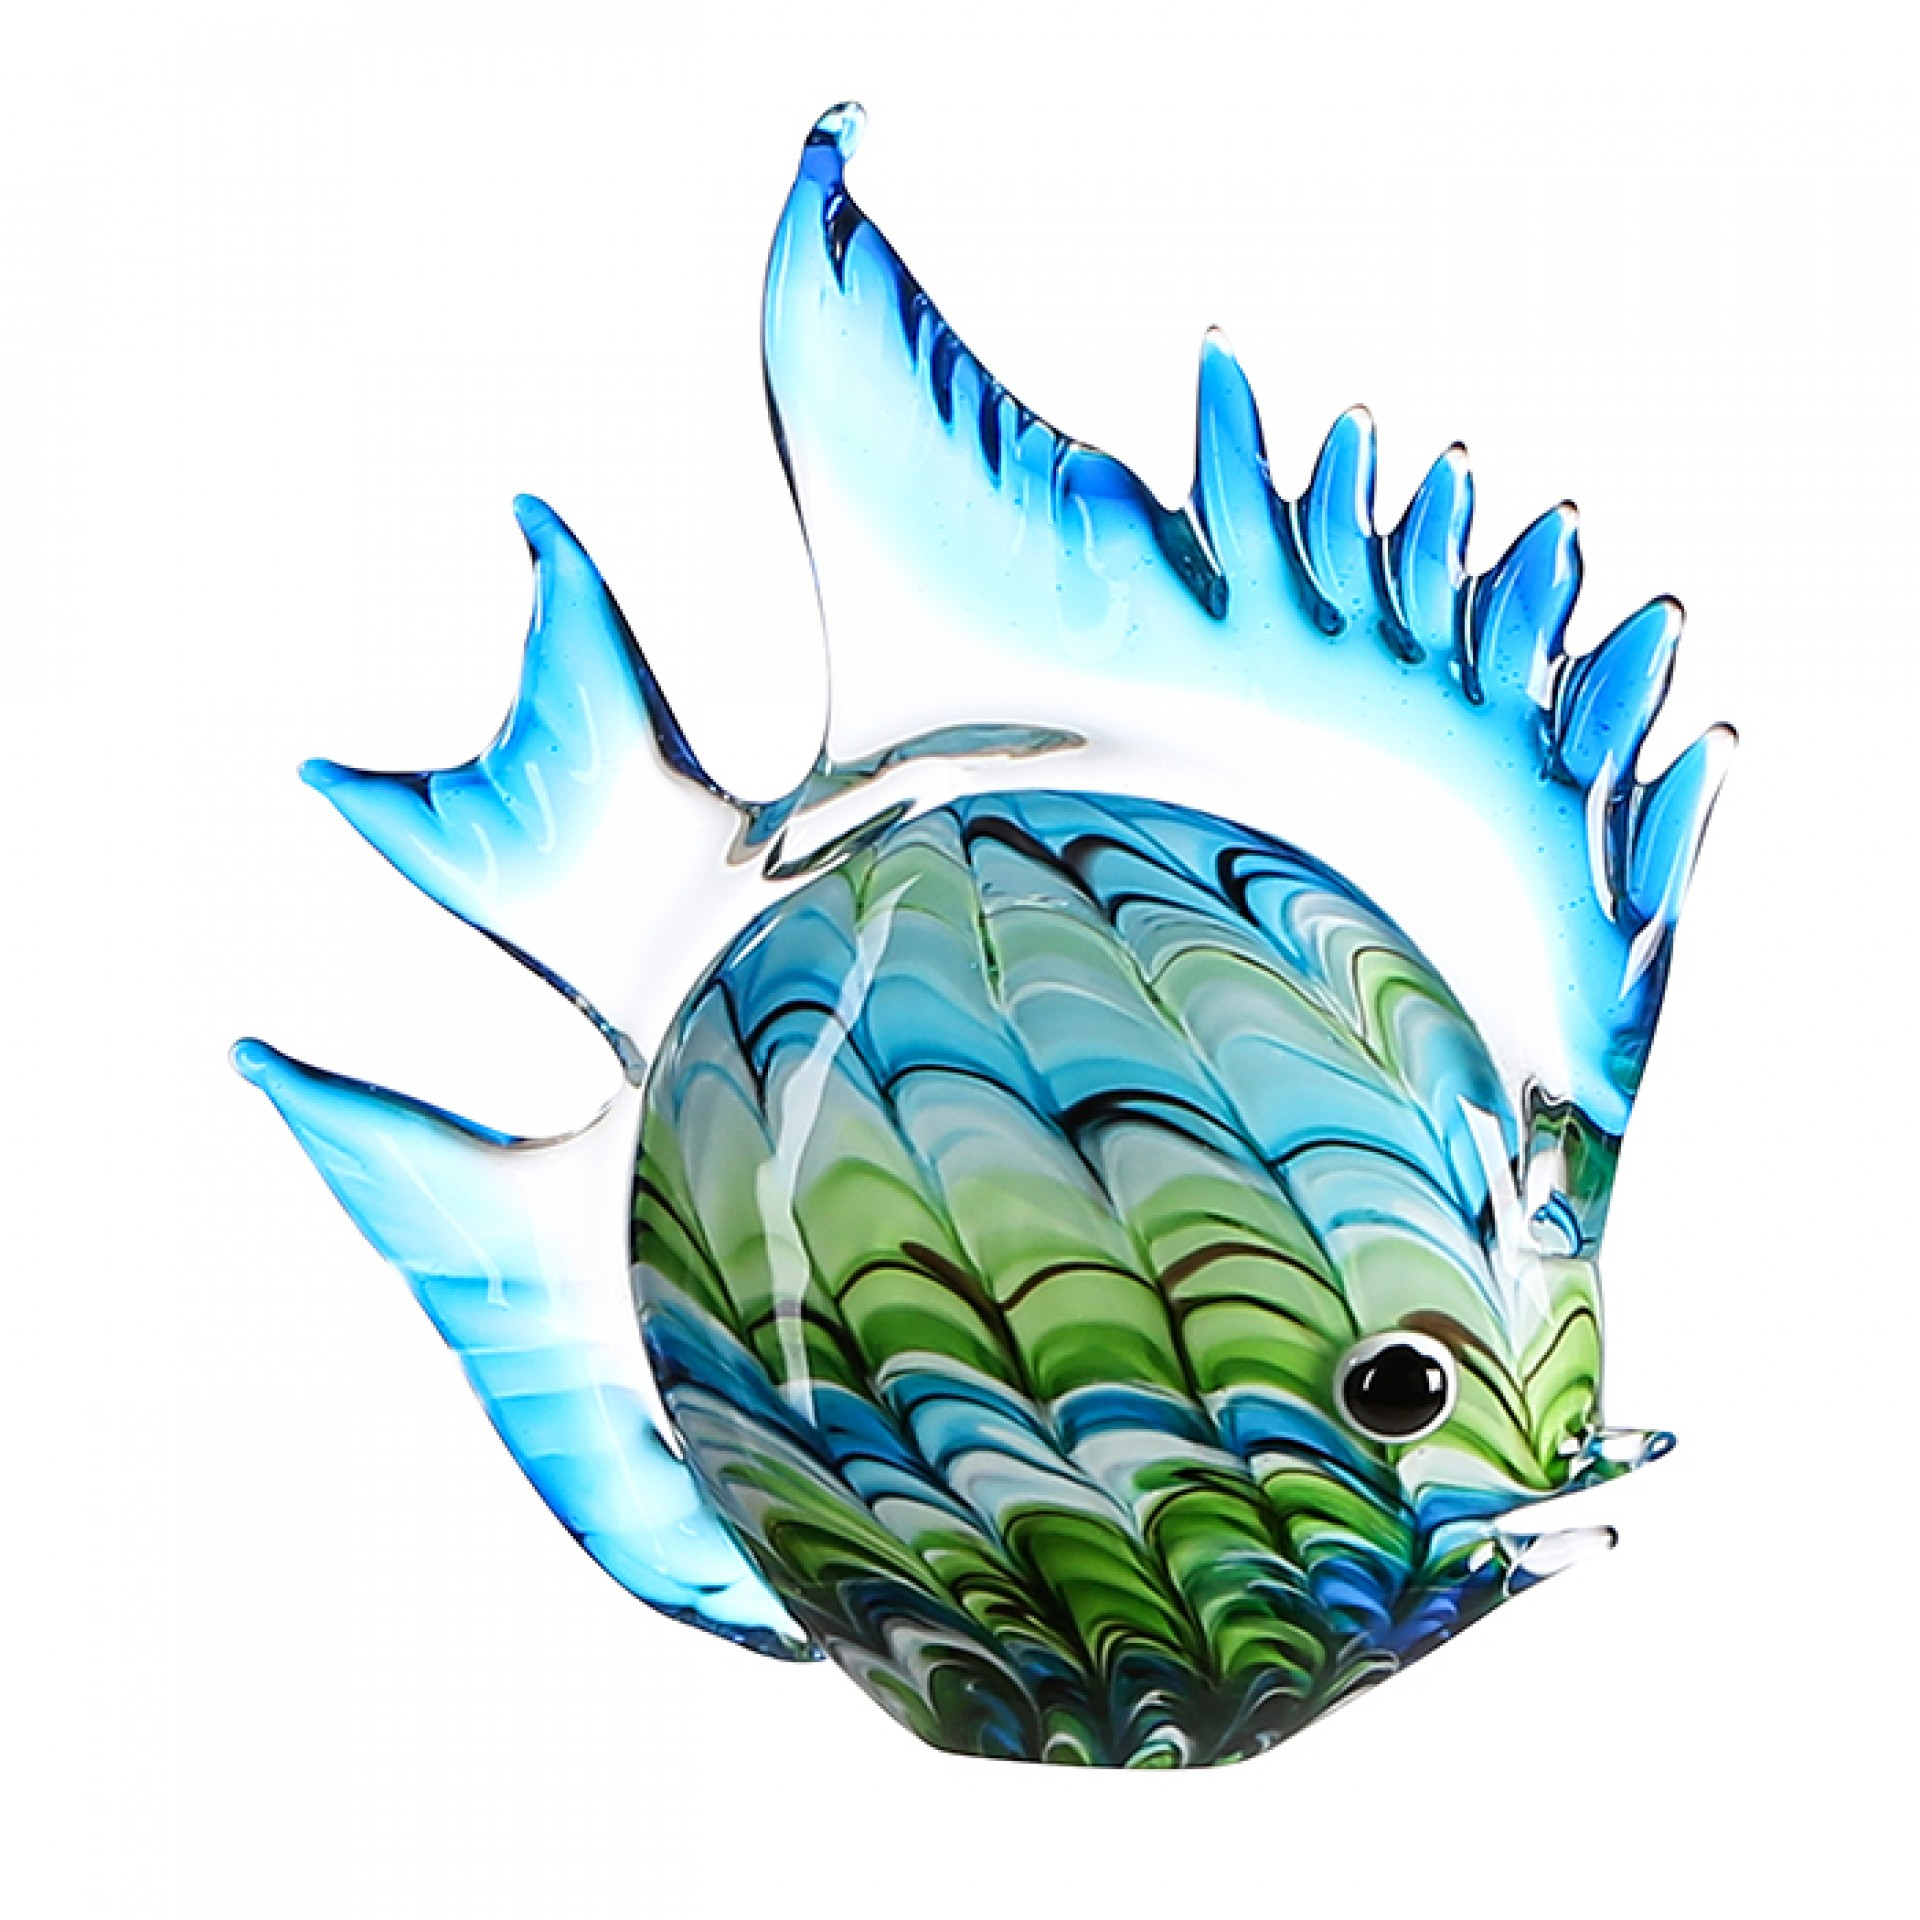 Skleněná dekorace Fun Fish, 30 cm